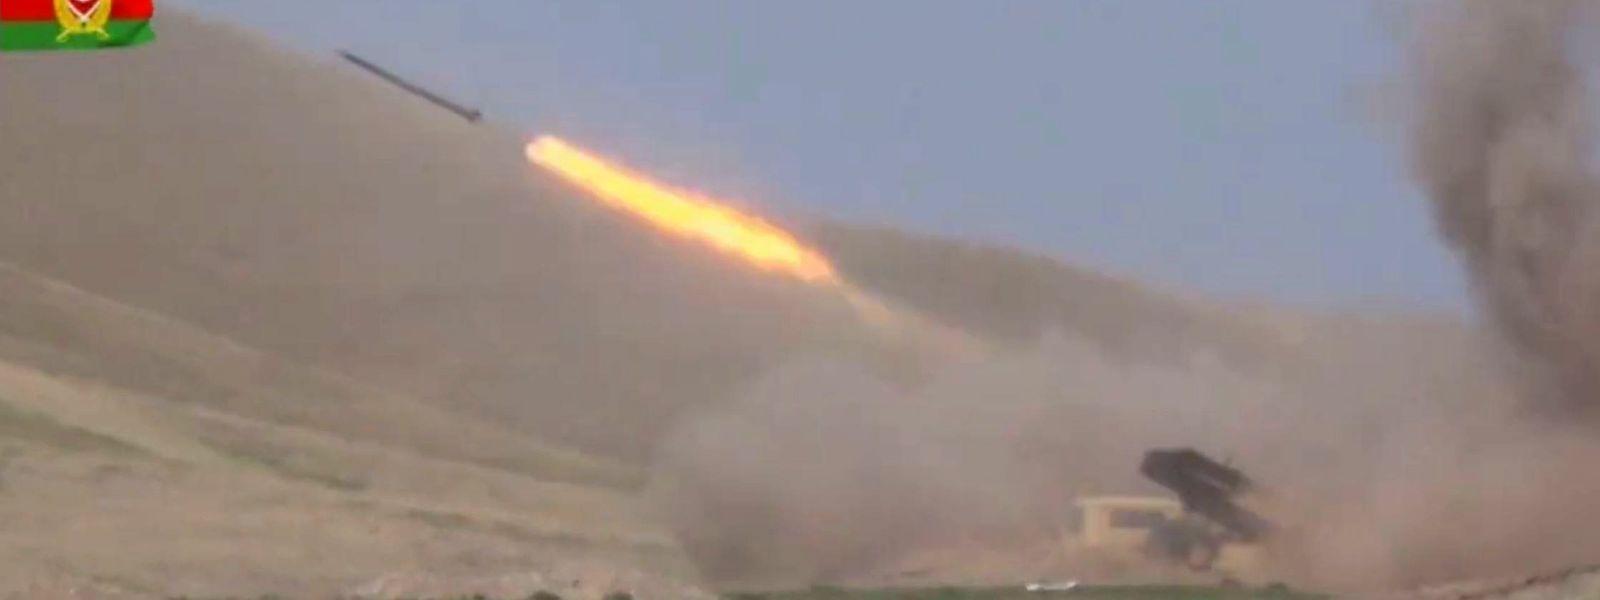 Standbild aus einem Video des Verteidigungsministeriums von Aserbaidschan, das den Start von Artillerieraketen zeigt.